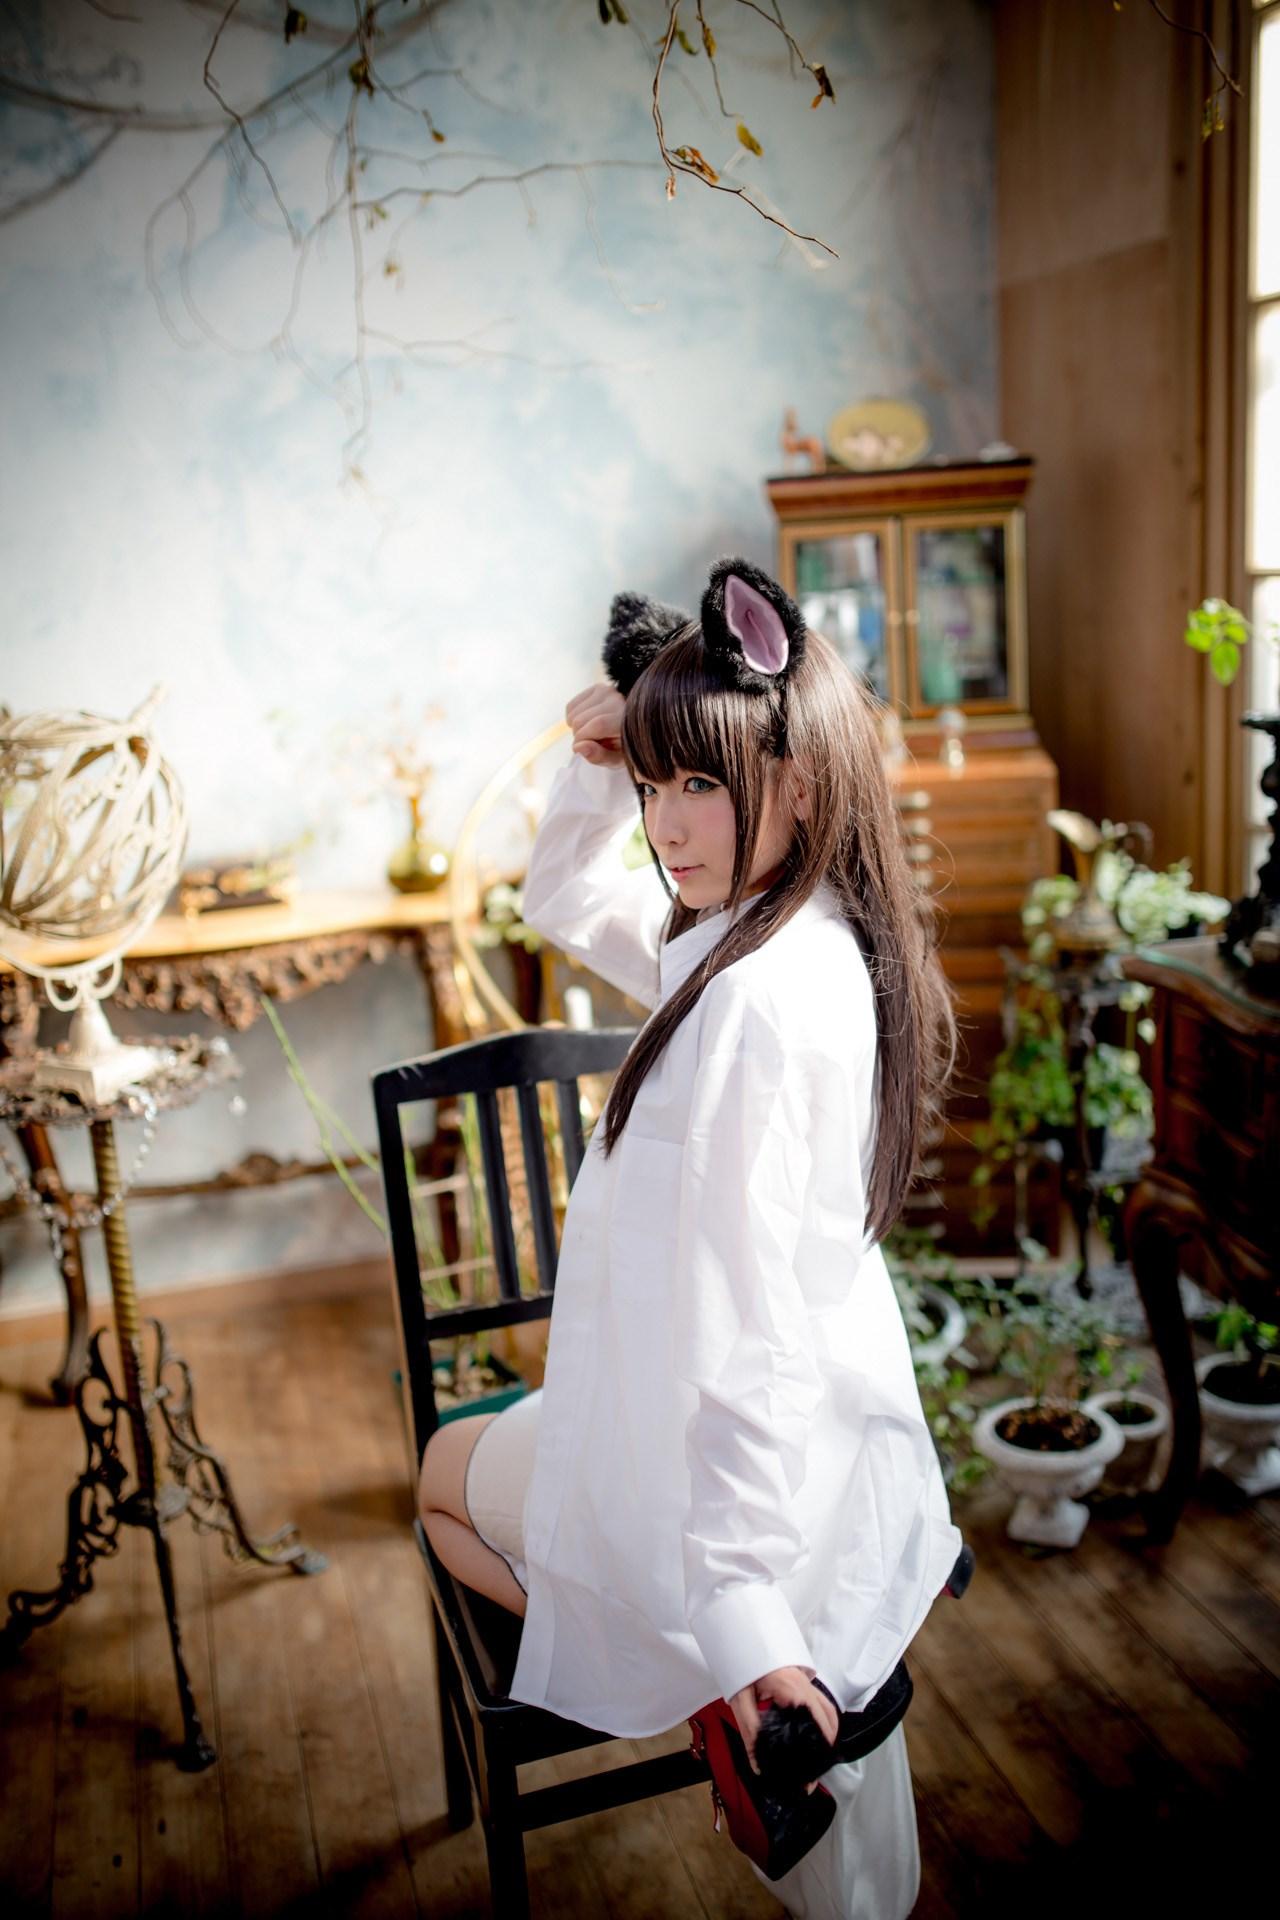 【兔玩映画】猫耳娘 兔玩映画 第23张